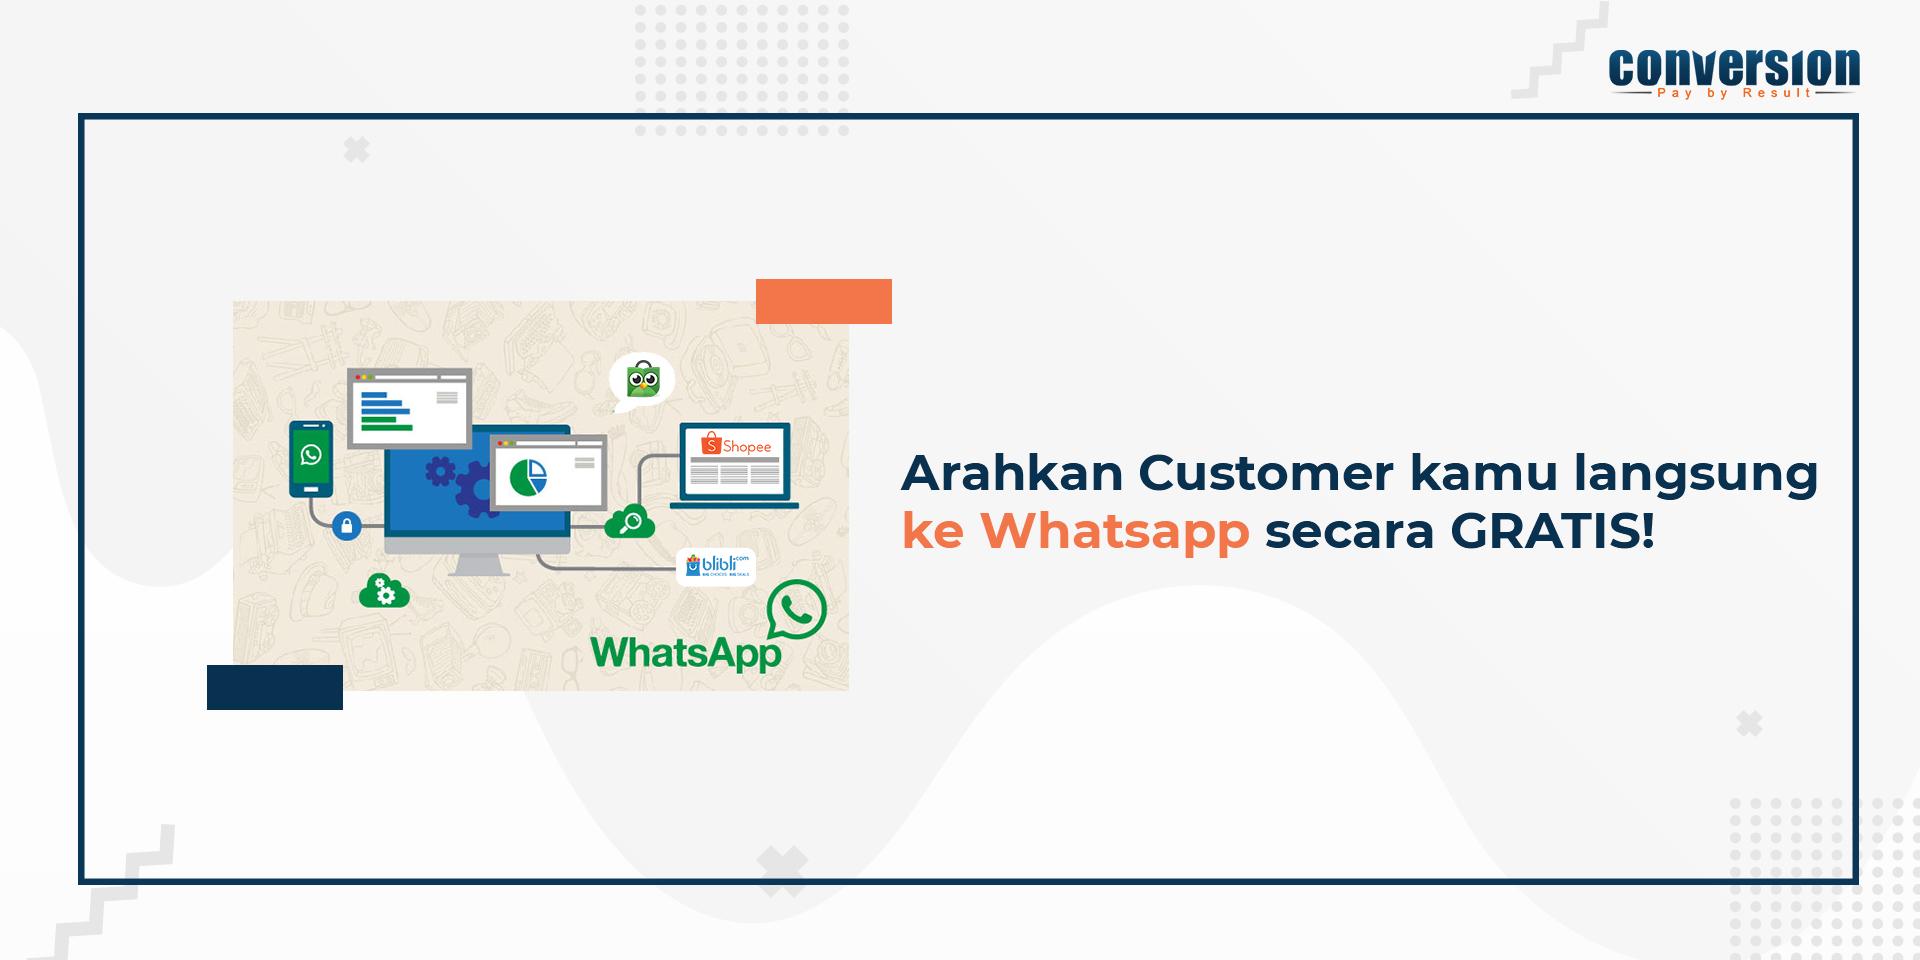 Arahkan Customer kamu langsung ke Whatsapp secara GRATIS!